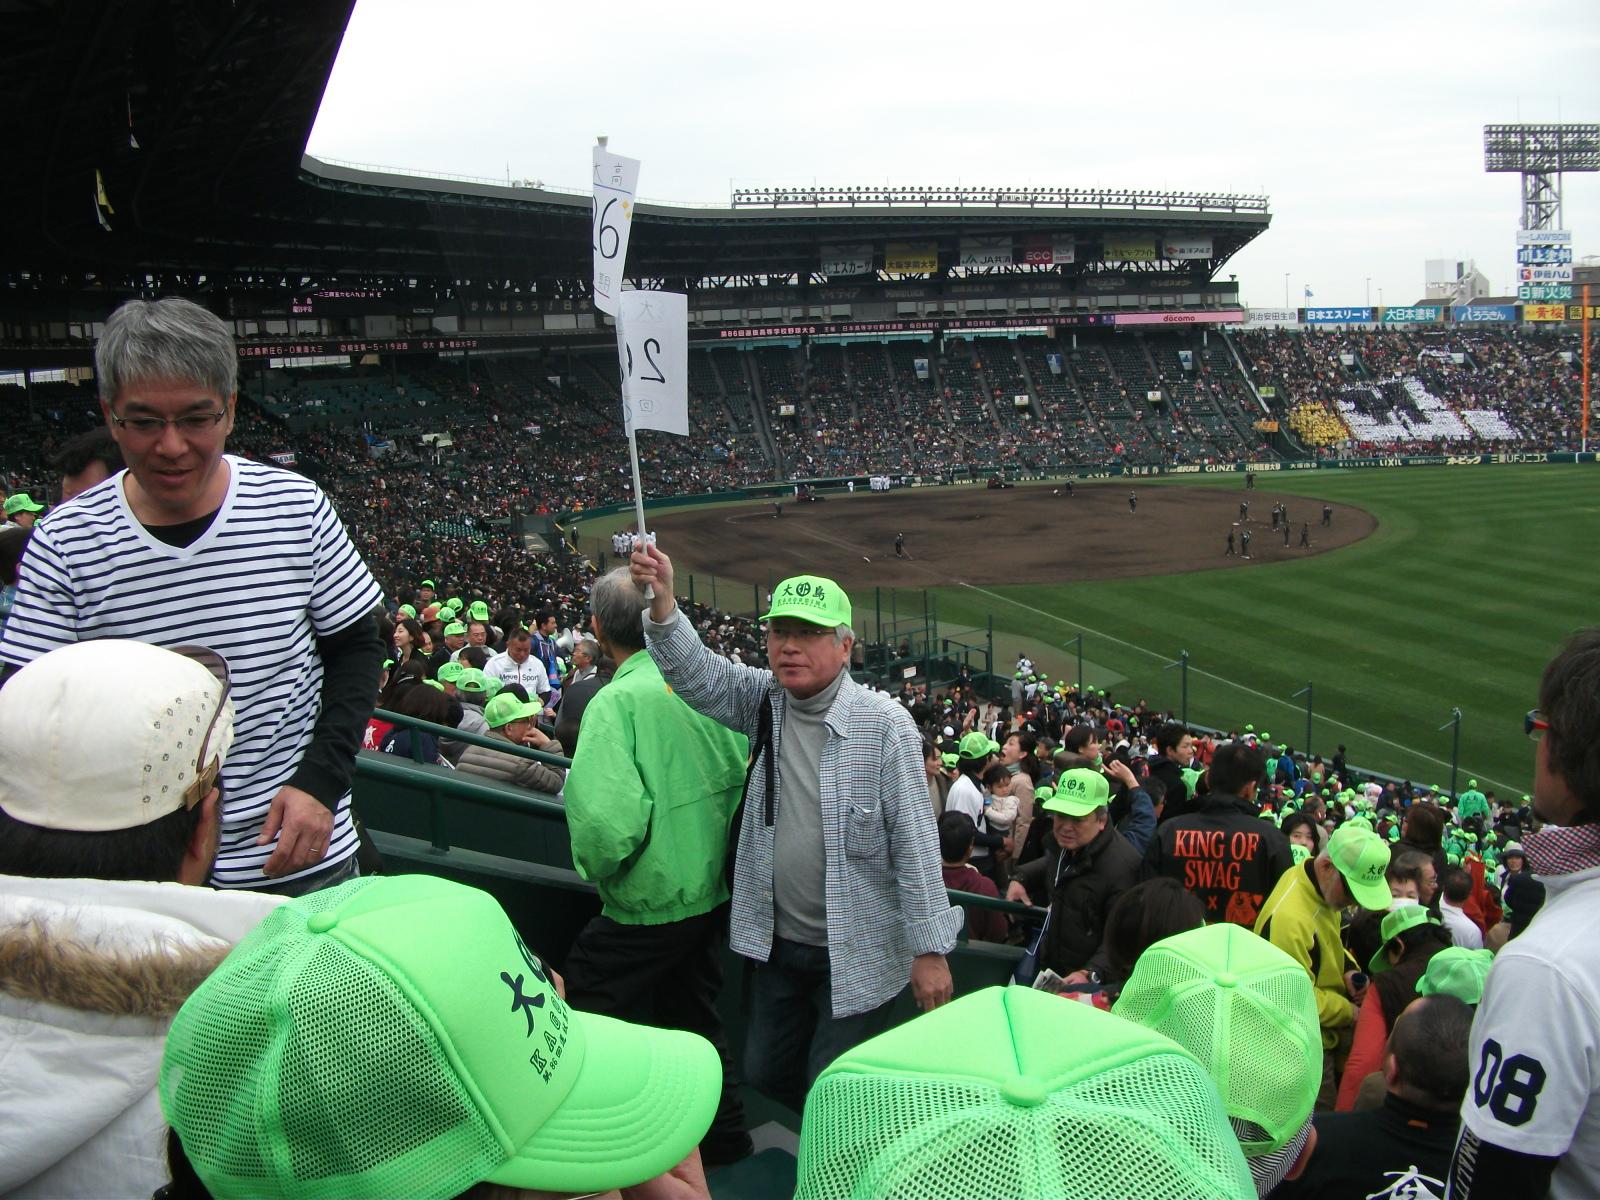 大高vs平安の大試合直前に26回卒の招集を促すために26回卒の旗をかざして1塁側アルプススタンド入りする末吉。 何から何まで偉い!!